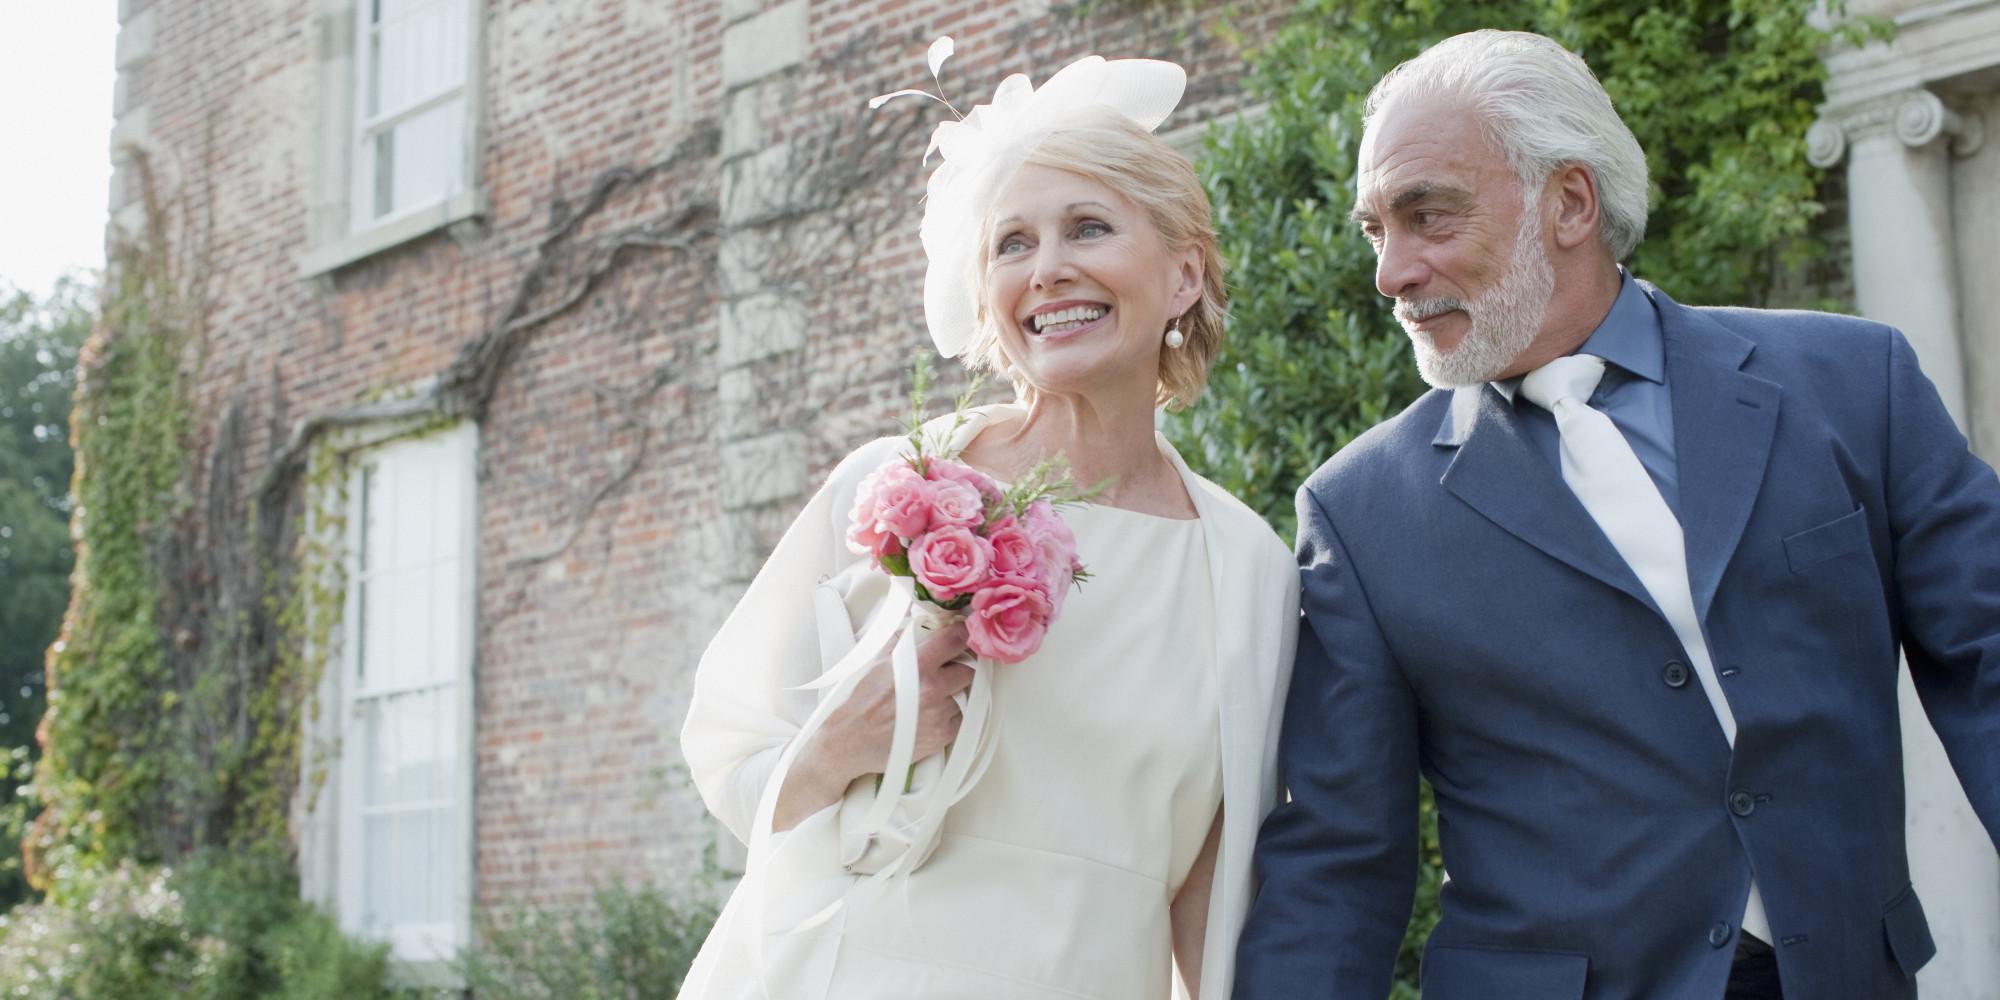 Свадебные поздравления для немолодых пар